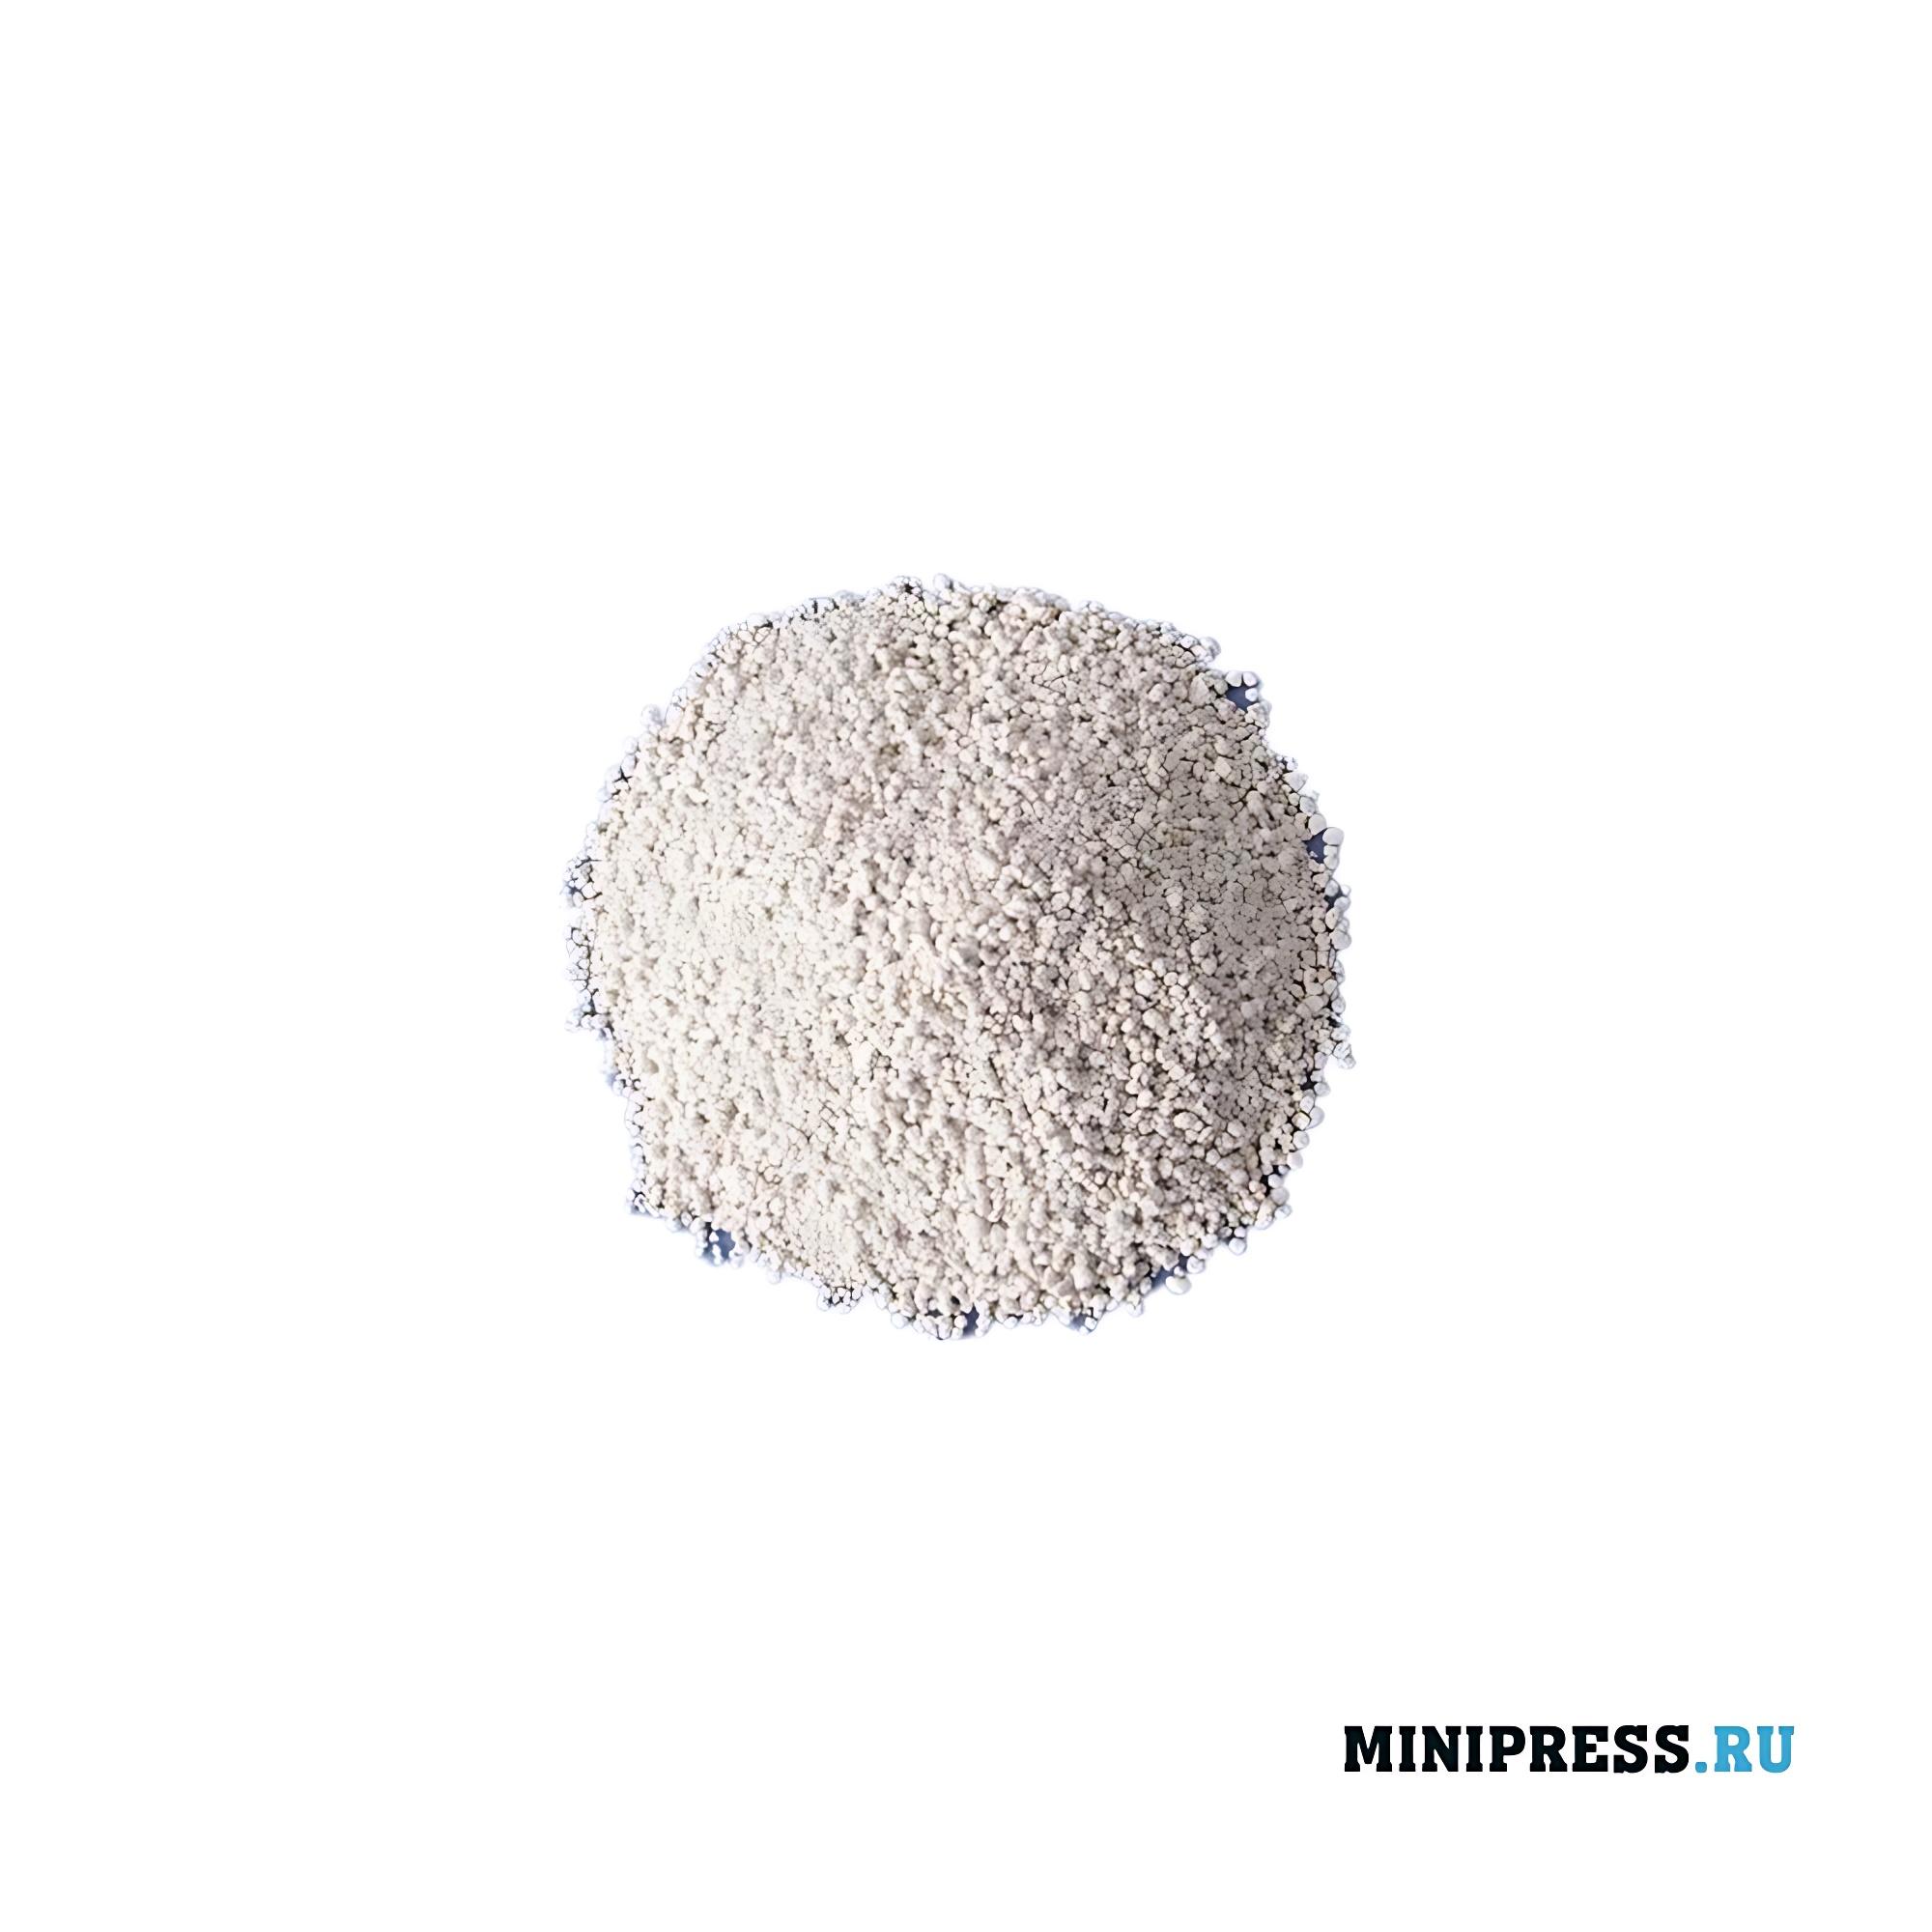 Производство крупных гранул